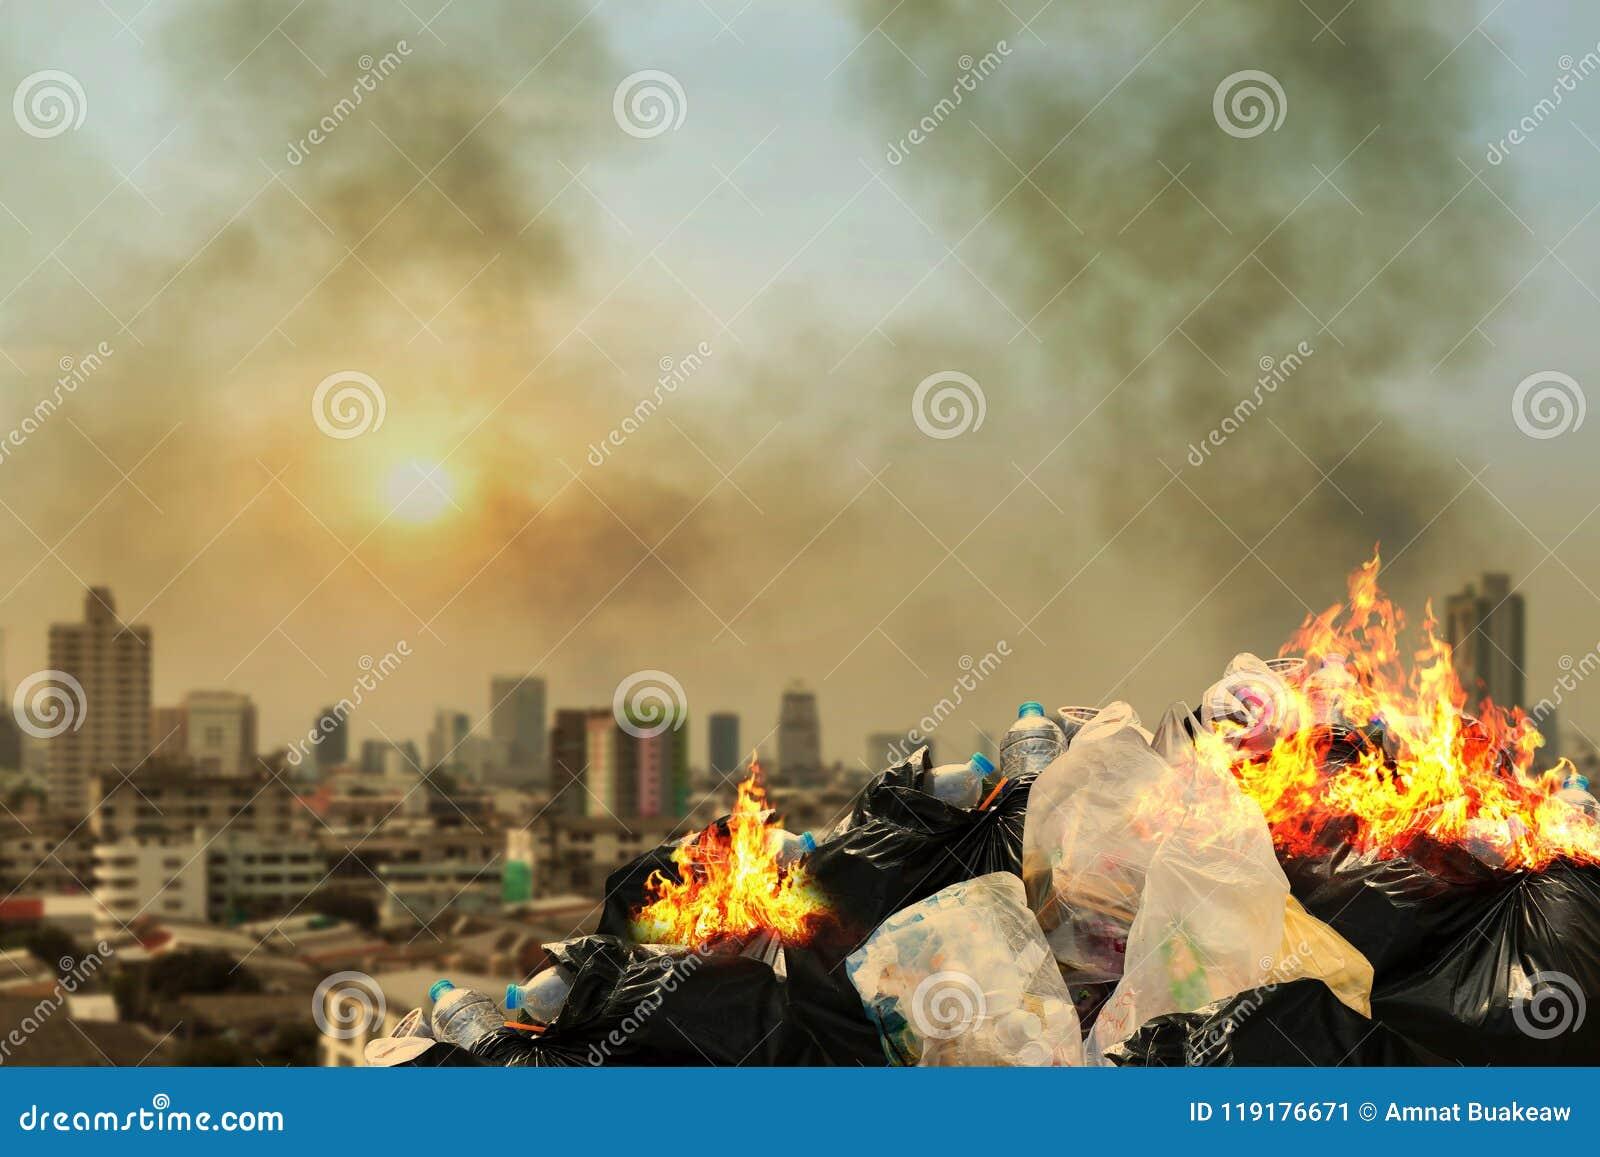 Burn lot waste front City community, Garbage bin pile Dump Lots of junk Polluting Burning heap smoke from burning pile garbage